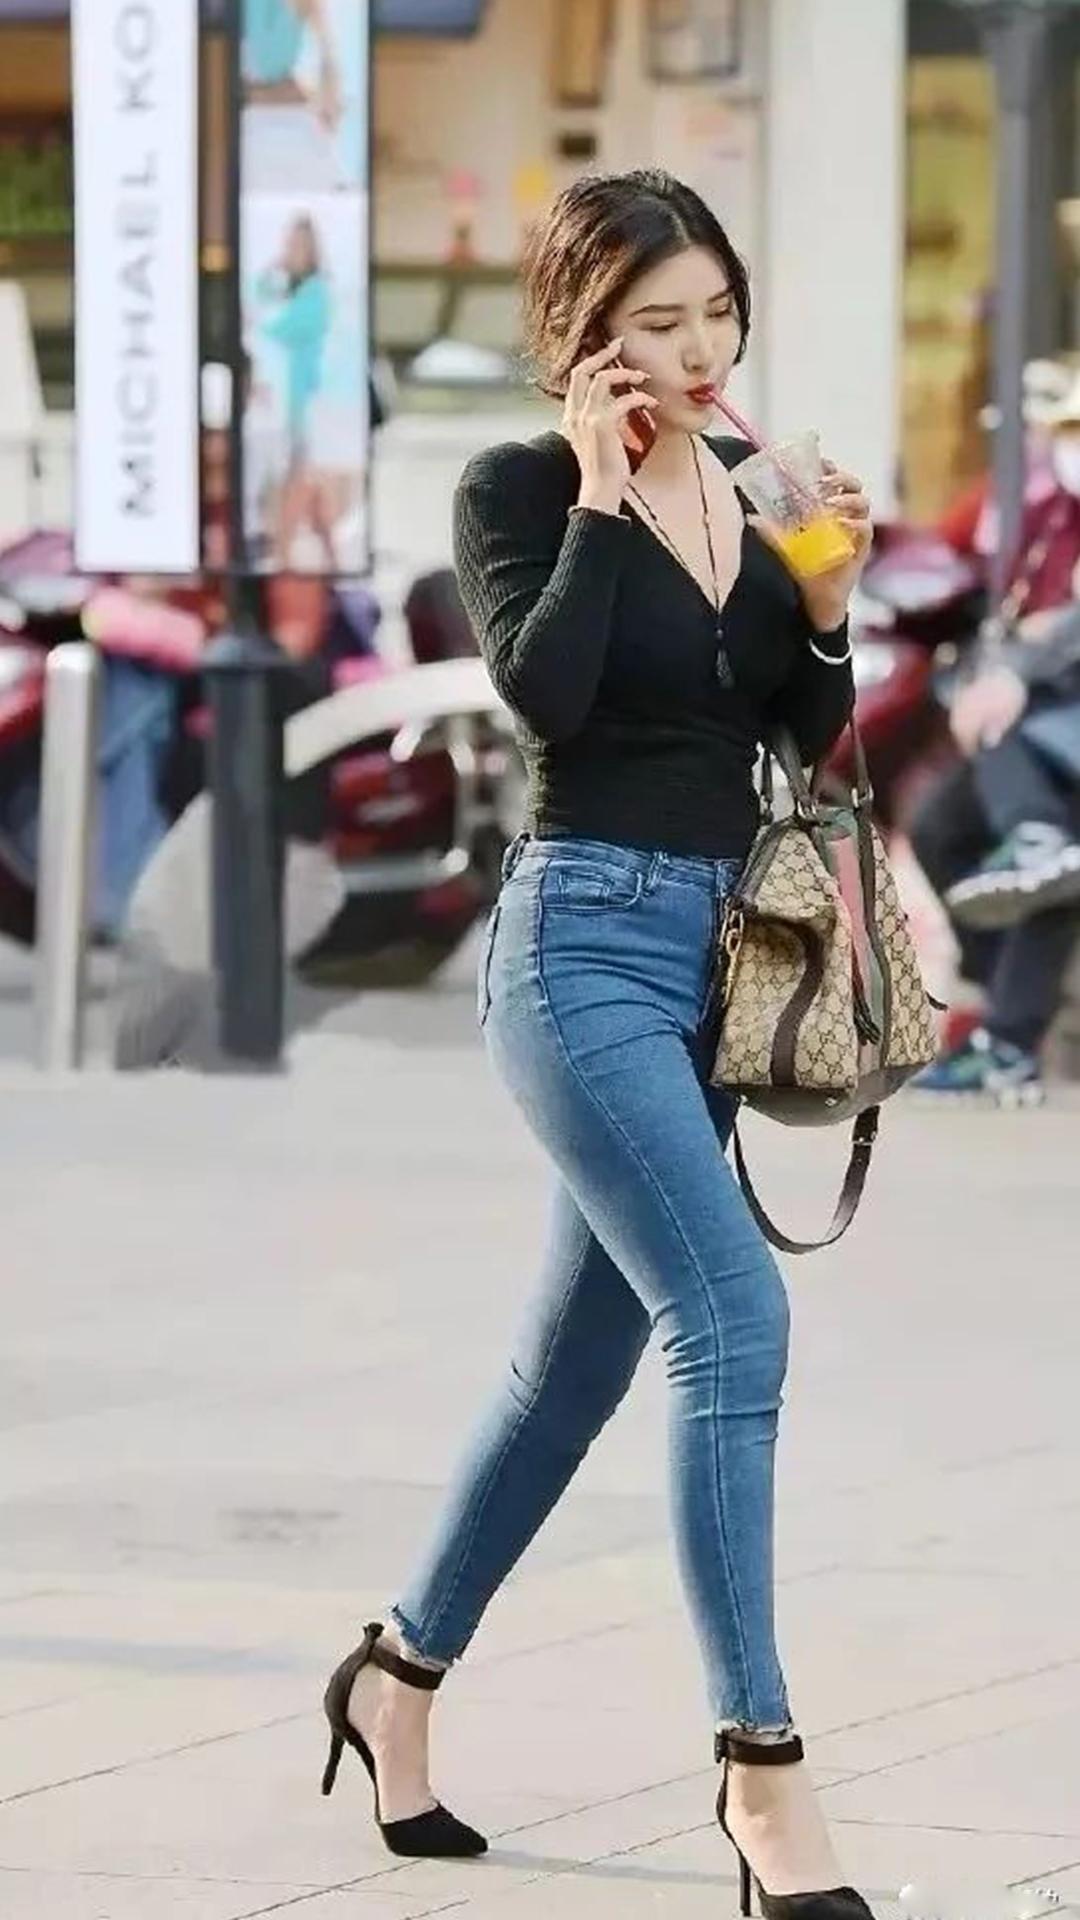 <b>路人街拍:喝着天天果汁的美女,身穿修身牛仔裤,尽显婀娜身材</b>